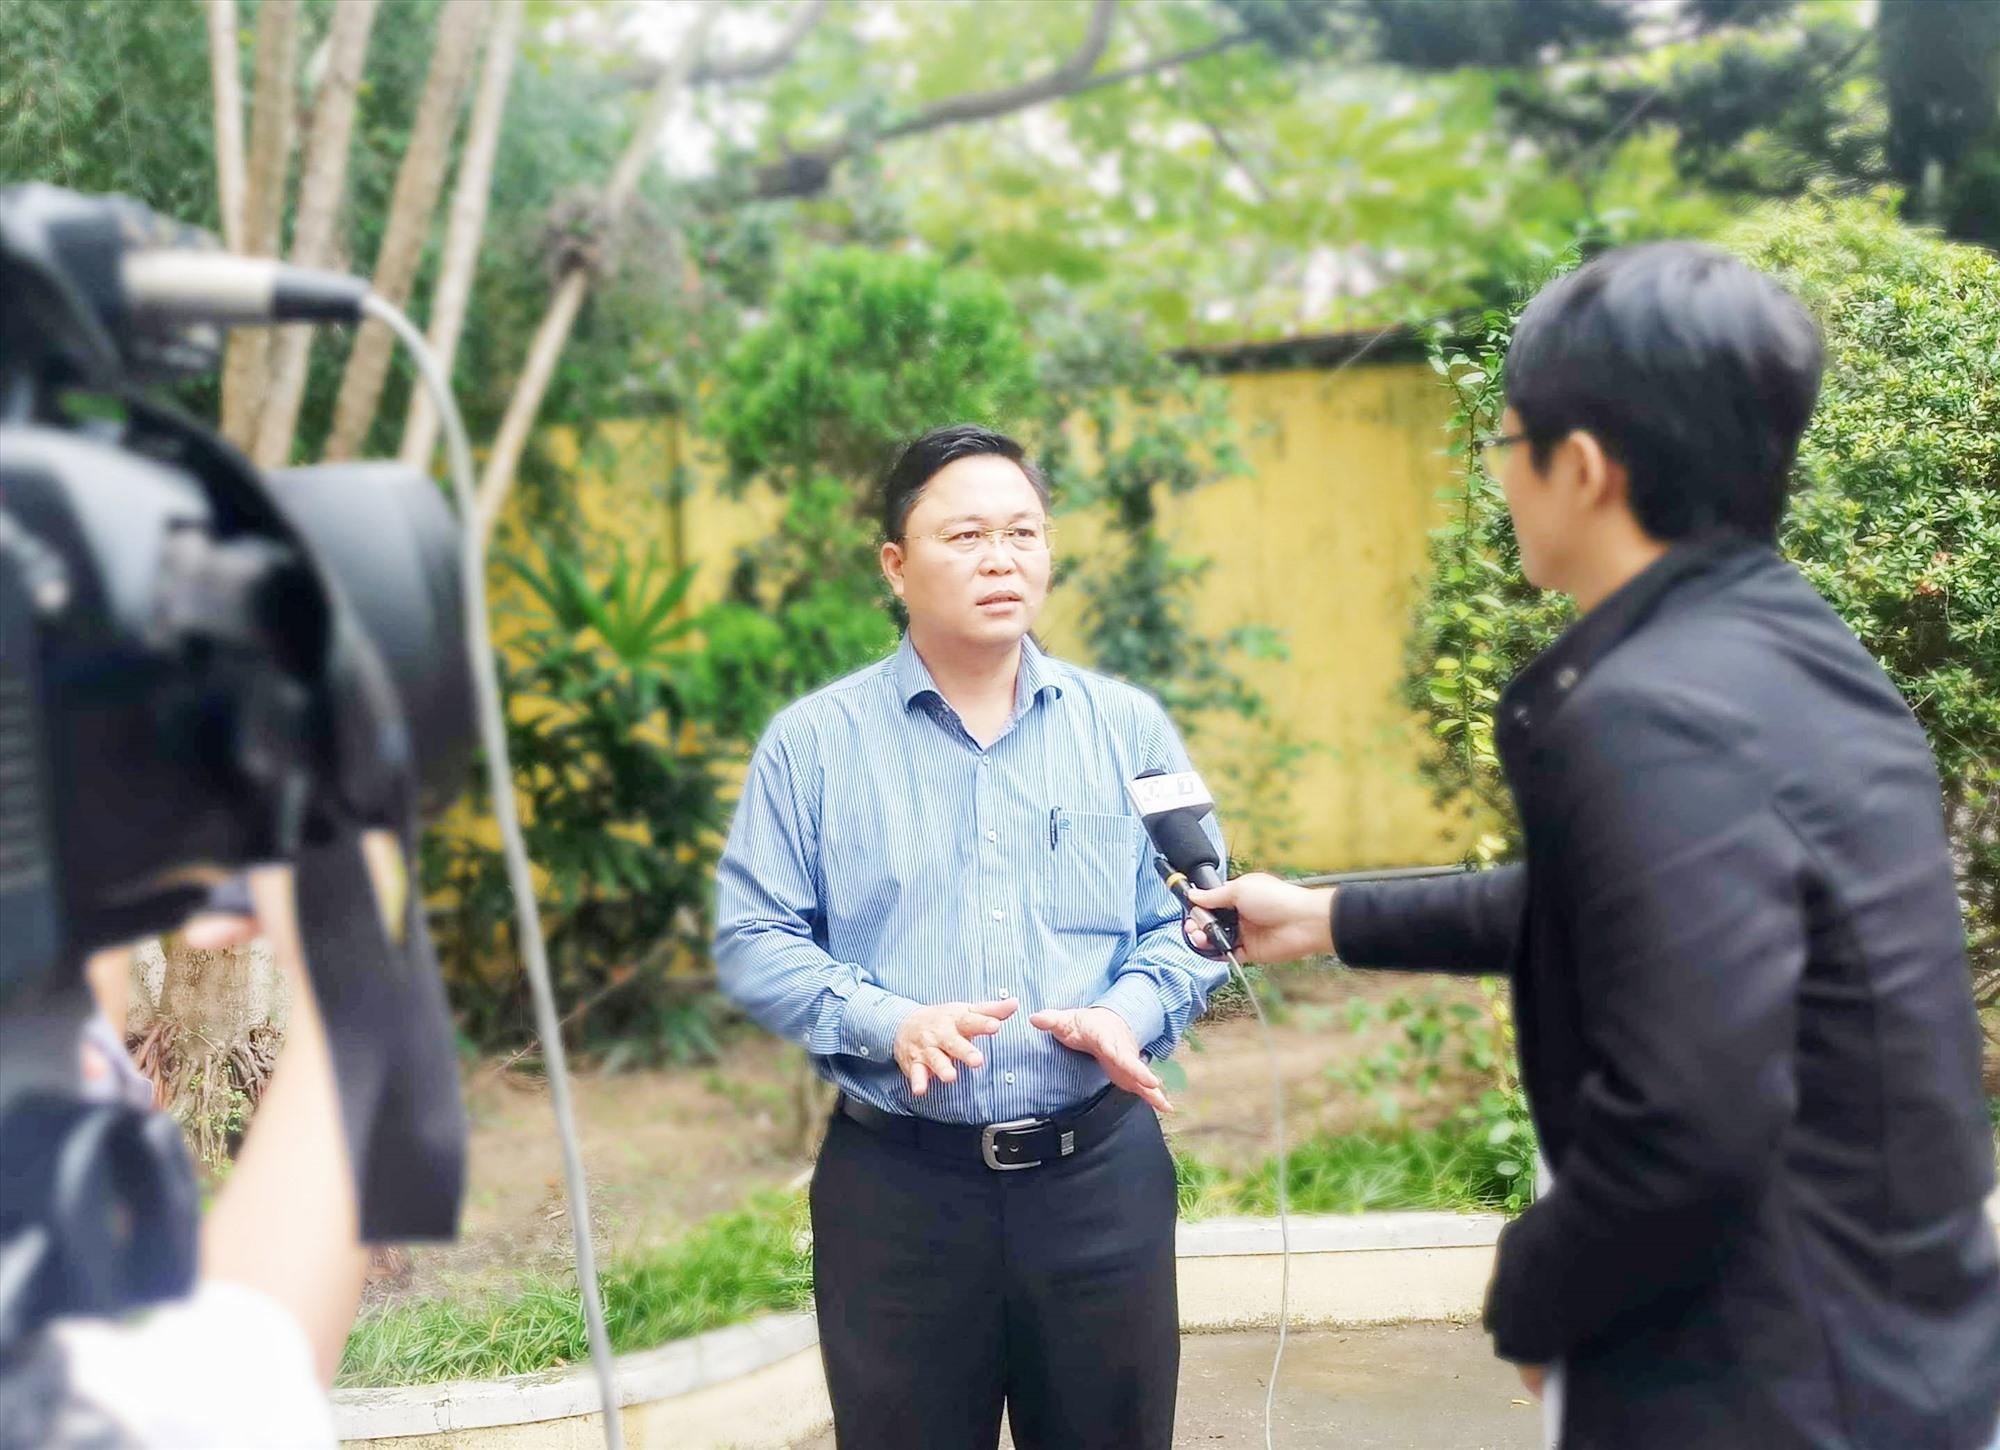 Phóng viên Phòng Thời sự QRT tác nghiệp phỏng vấn Chủ tịch UBND tỉnh Lê Trí Thanh. Ảnh: N.G